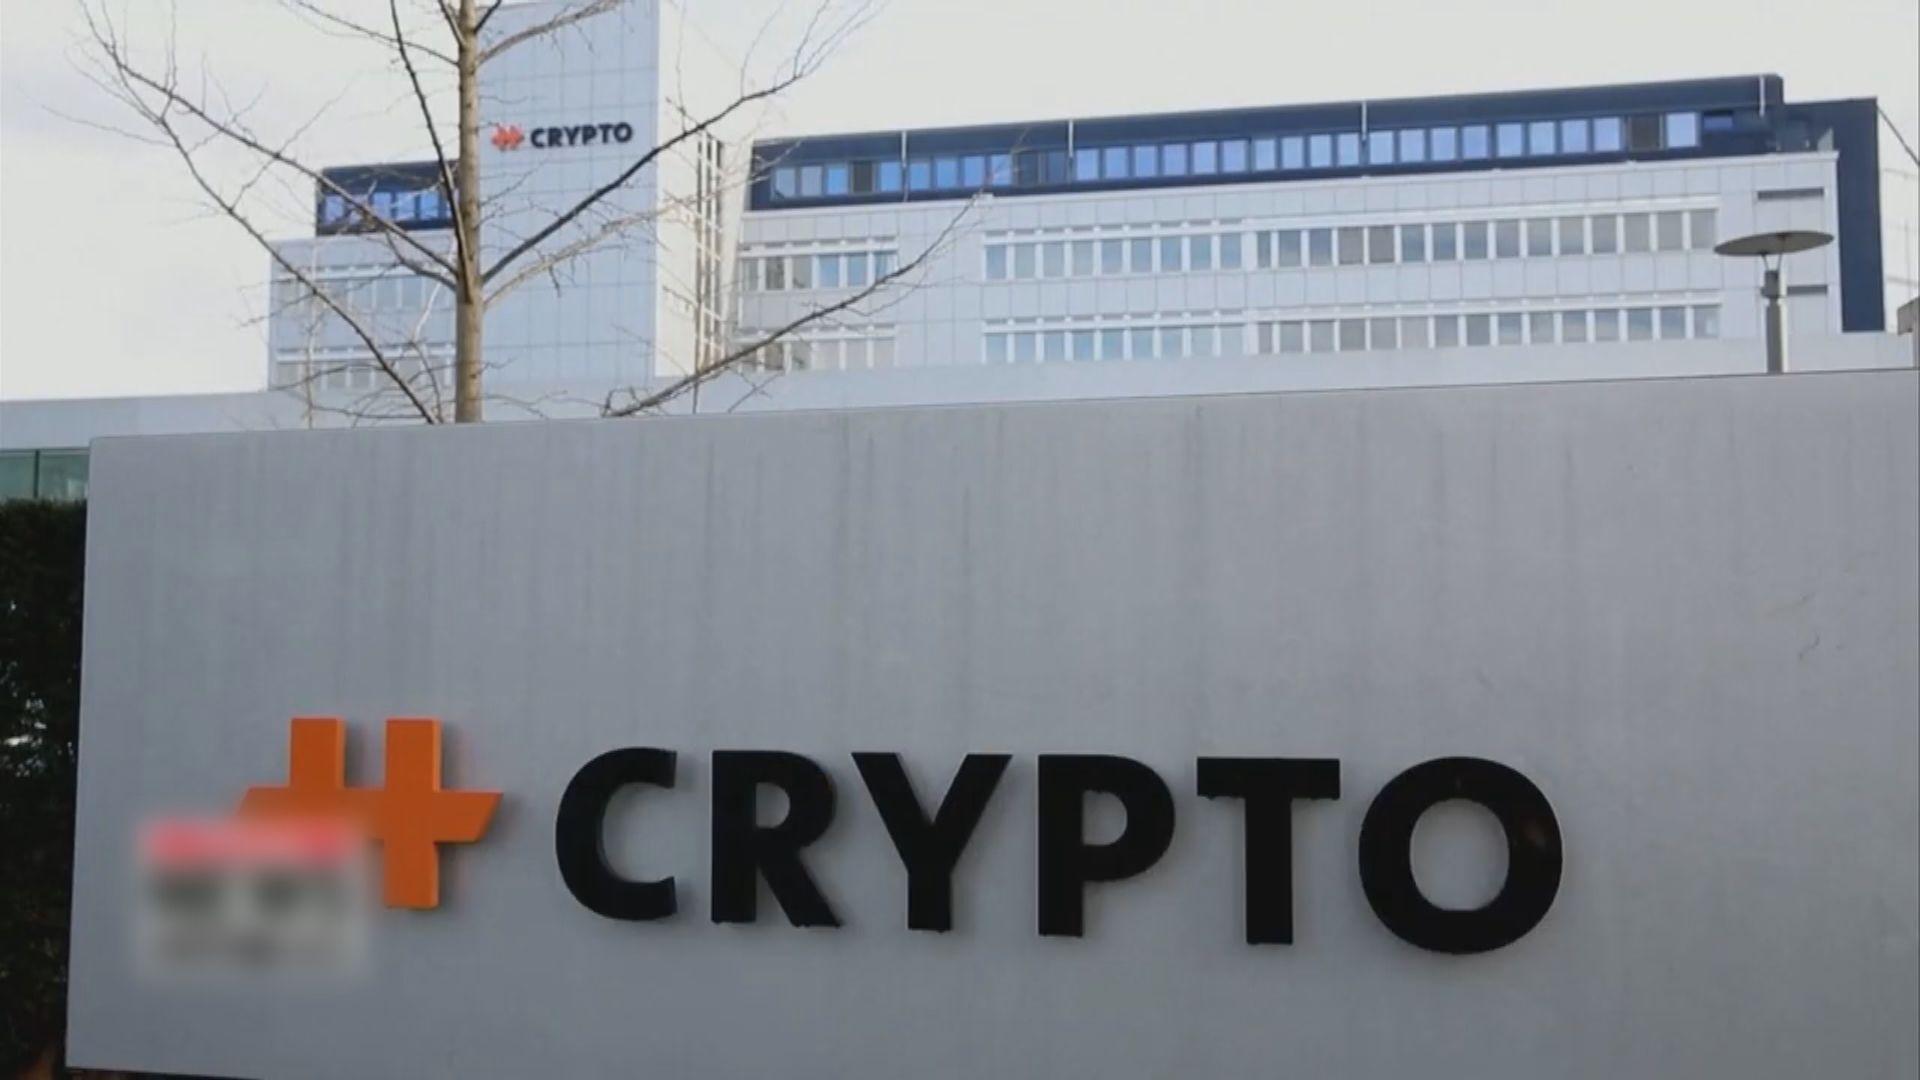 美國德國被指藉密碼公司竊取機密